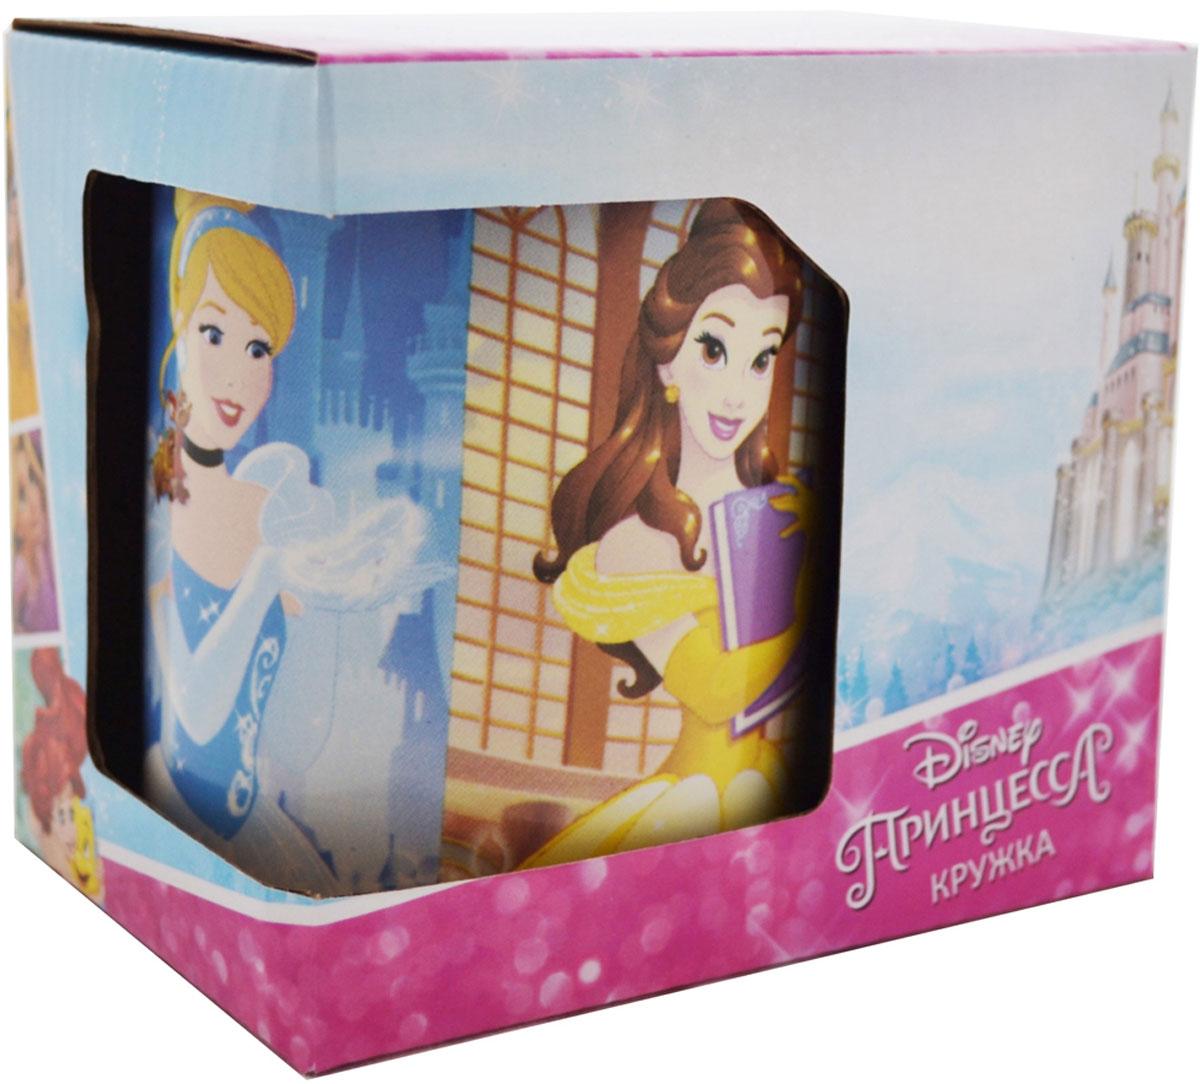 """Детская кружка Disney """"Следуй за мечтой Принцесса!"""" станет отличным подарком для вашего ребенка. Она выполнена из керамики и оформлена изображением из диснеевских мультфильмов. Кружка дополнена удобной ручкой. Такой подарок станет не только приятным, но и практичным сувениром: кружка будет незаменимым атрибутом чаепития, а оригинальное оформление кружки добавит ярких эмоций и хорошего настроения."""